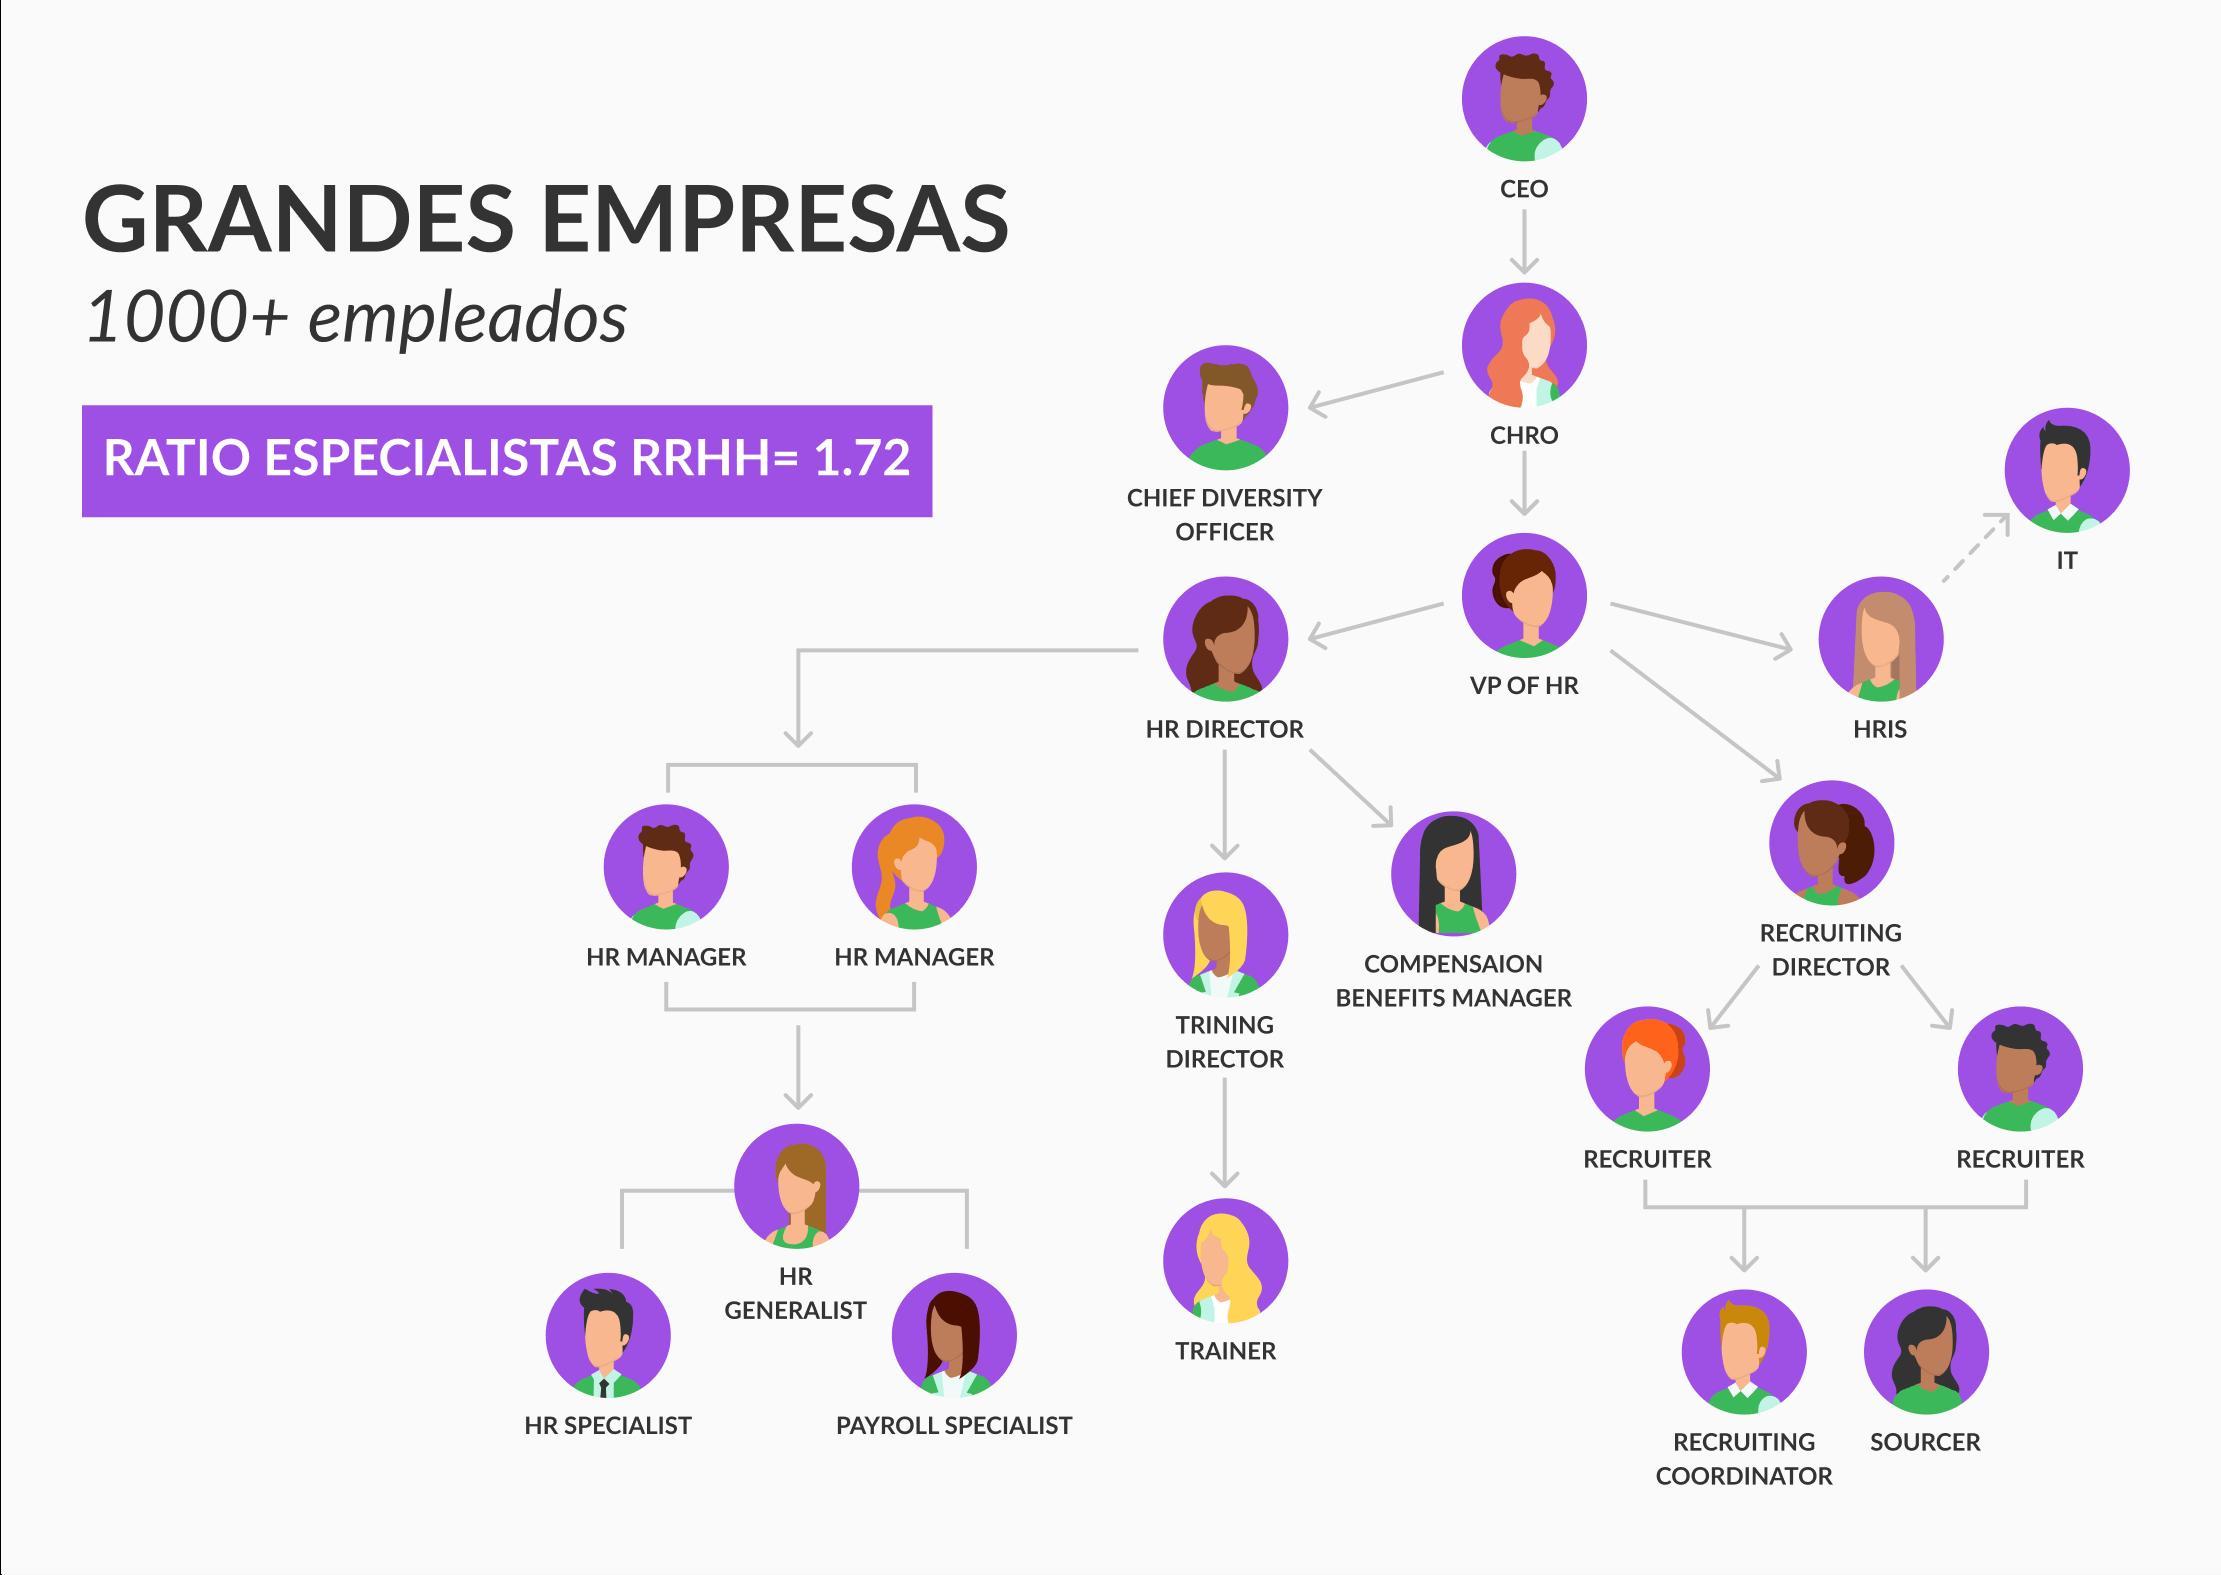 modelo de organizacion para grandes empresas